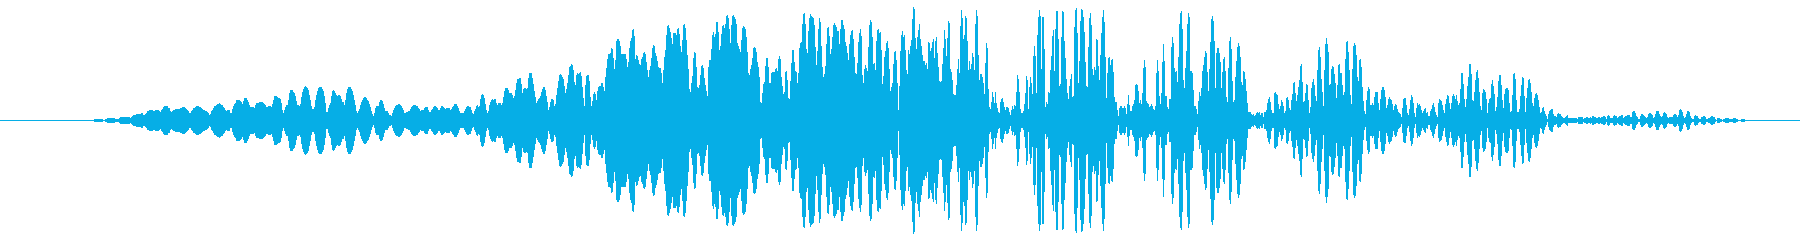 スワイプ/キャンセル/場面転換に最適!2の再生済みの波形